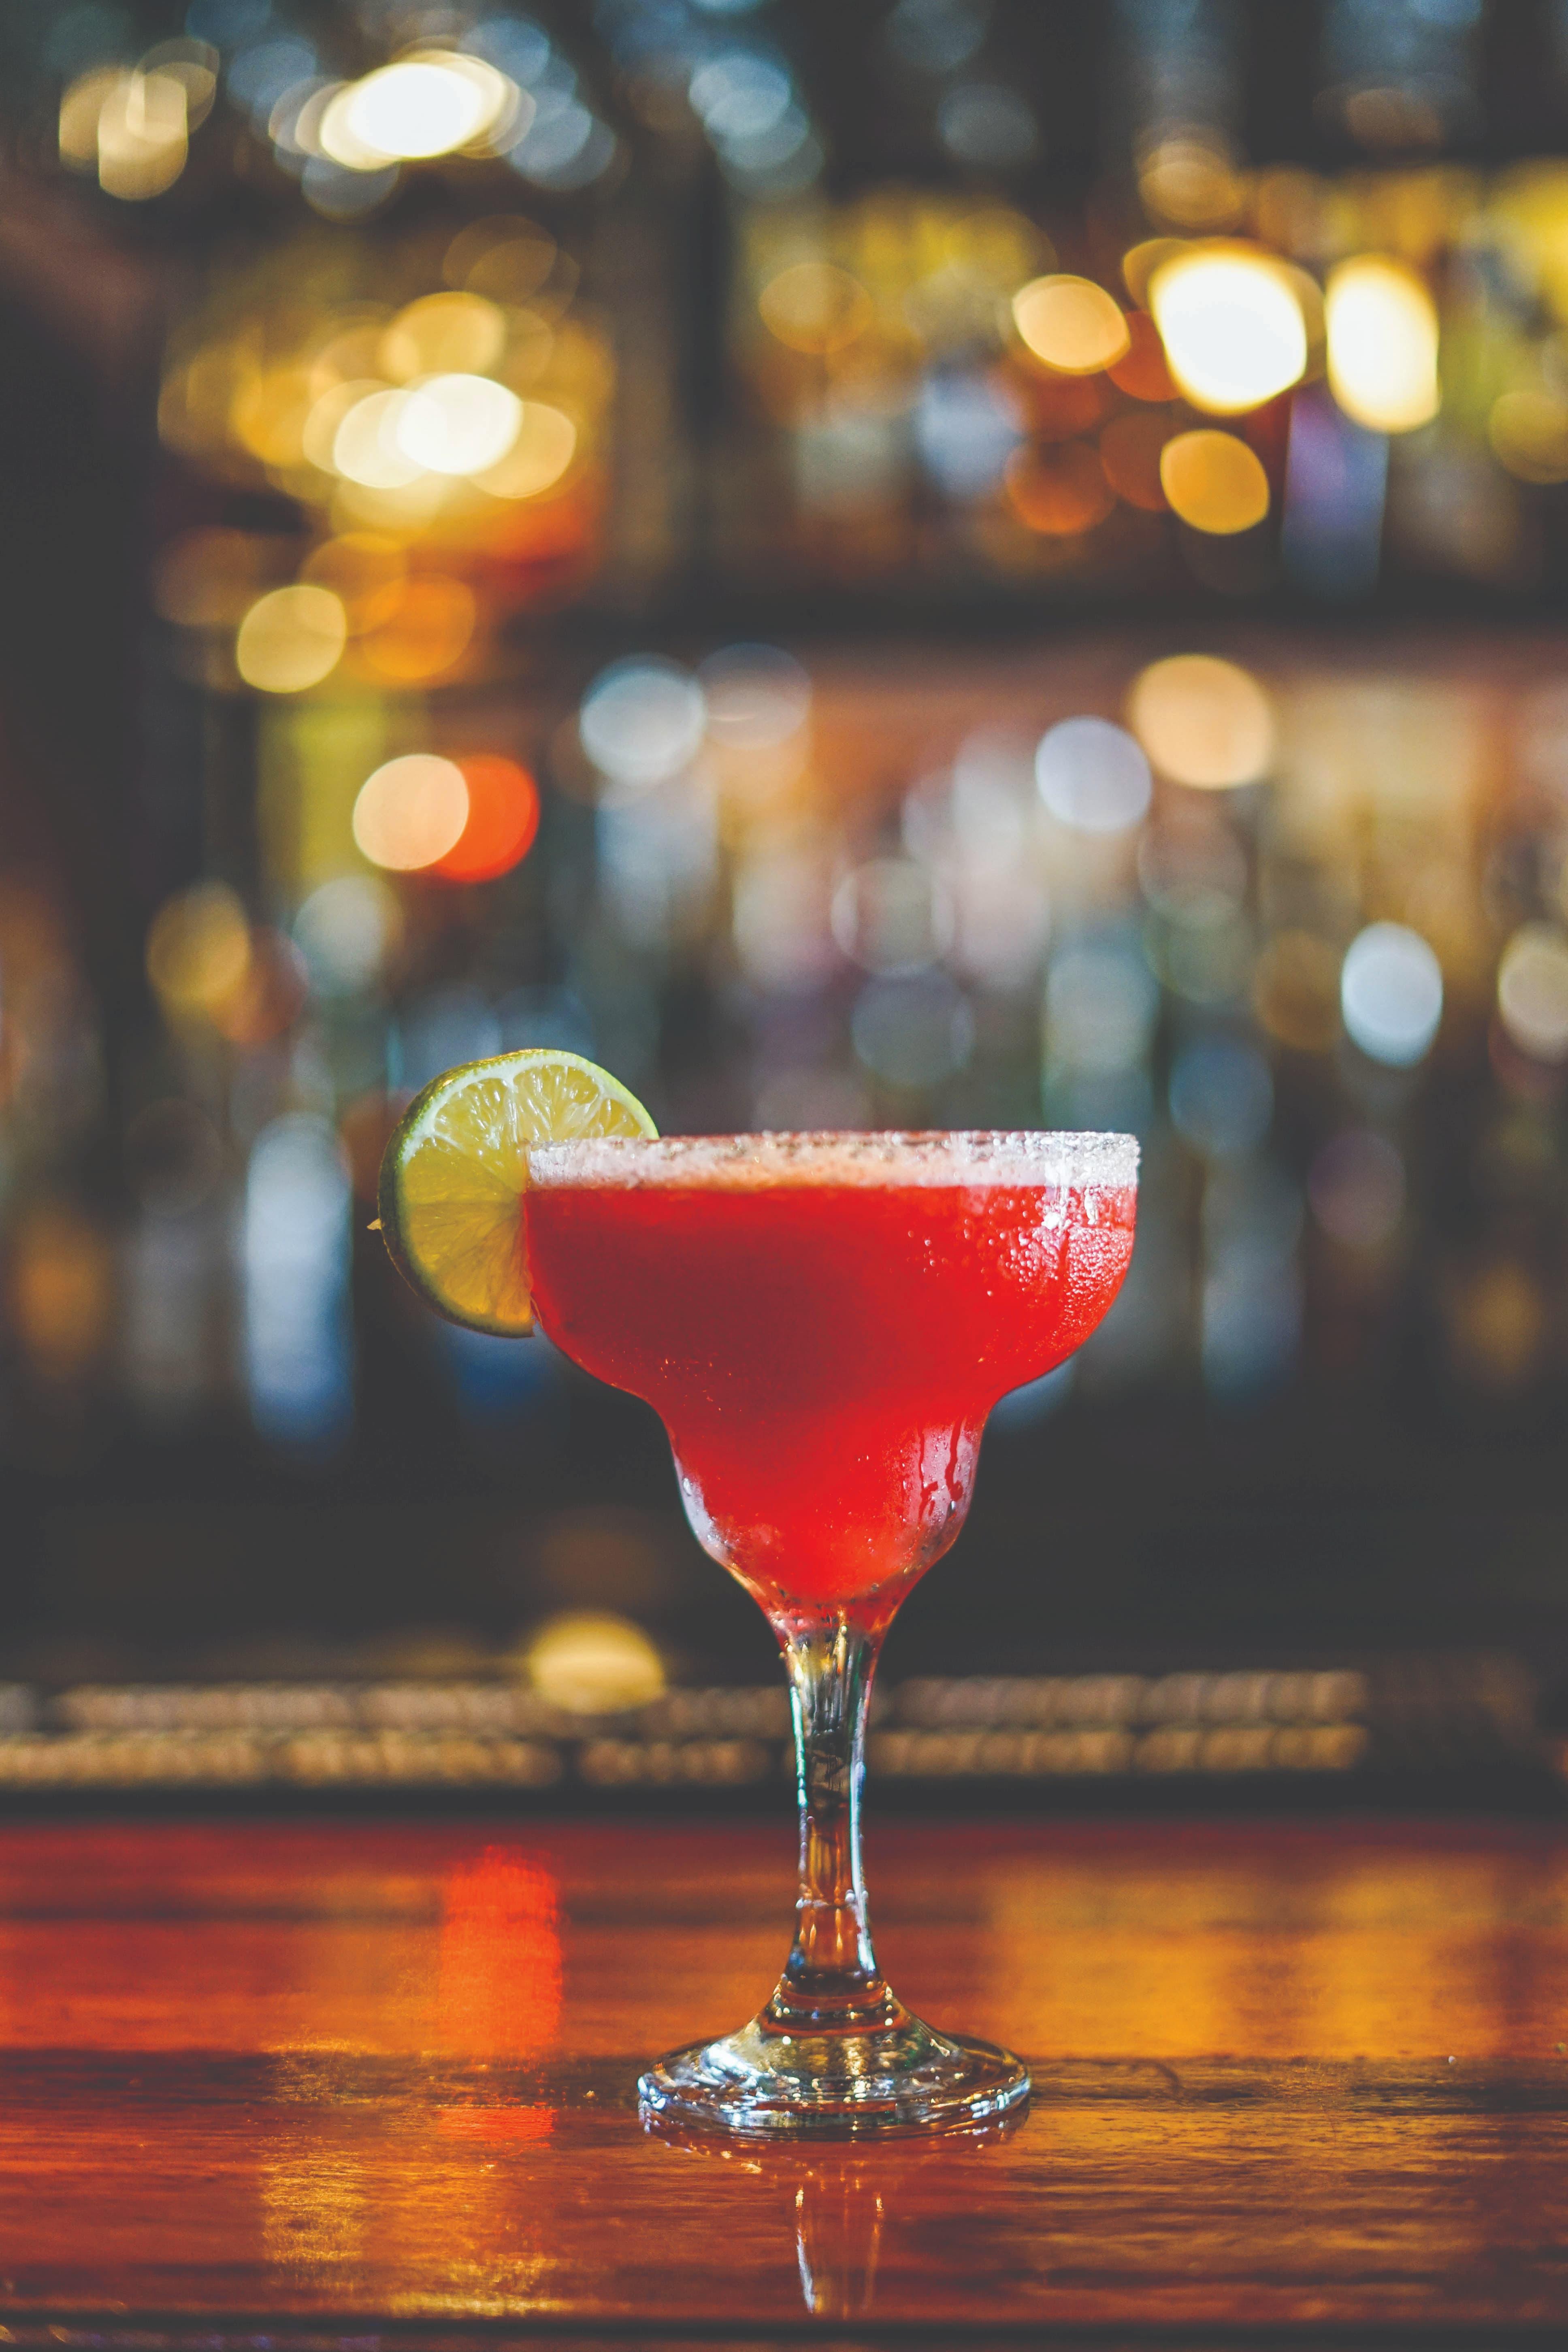 Bom de copo: A tequila vai muito além da balada